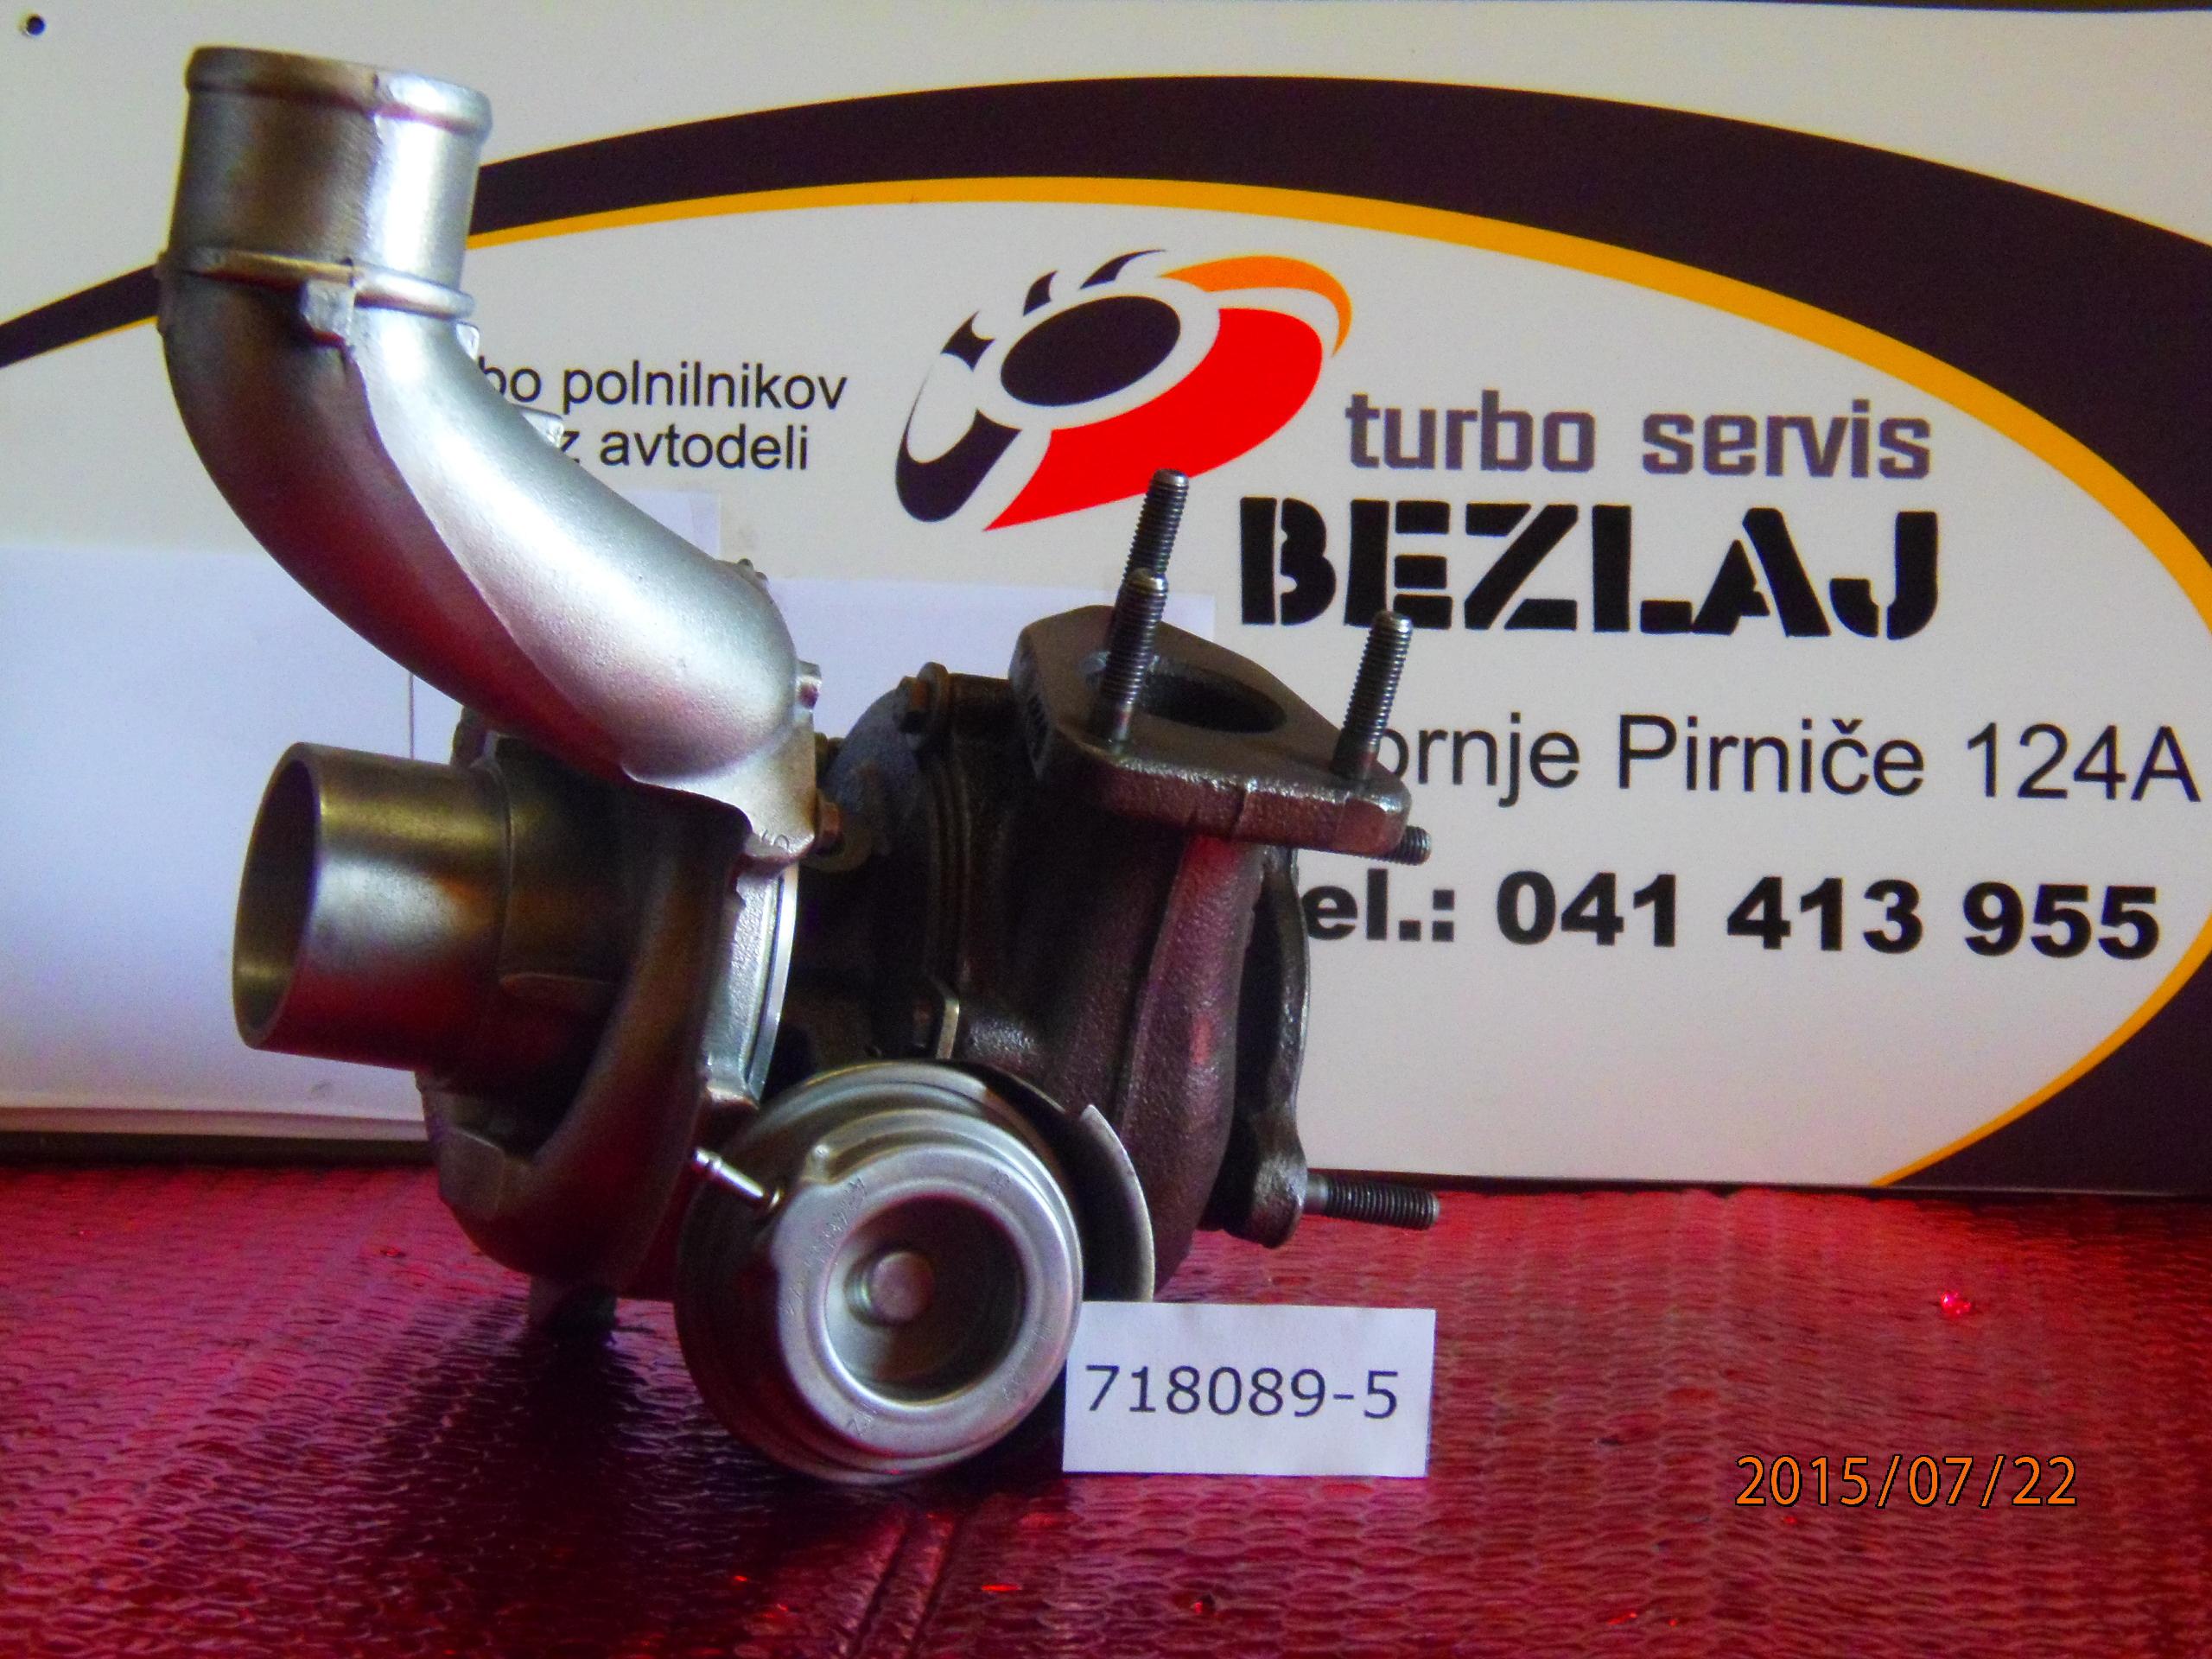 turbo718089-5 (2)